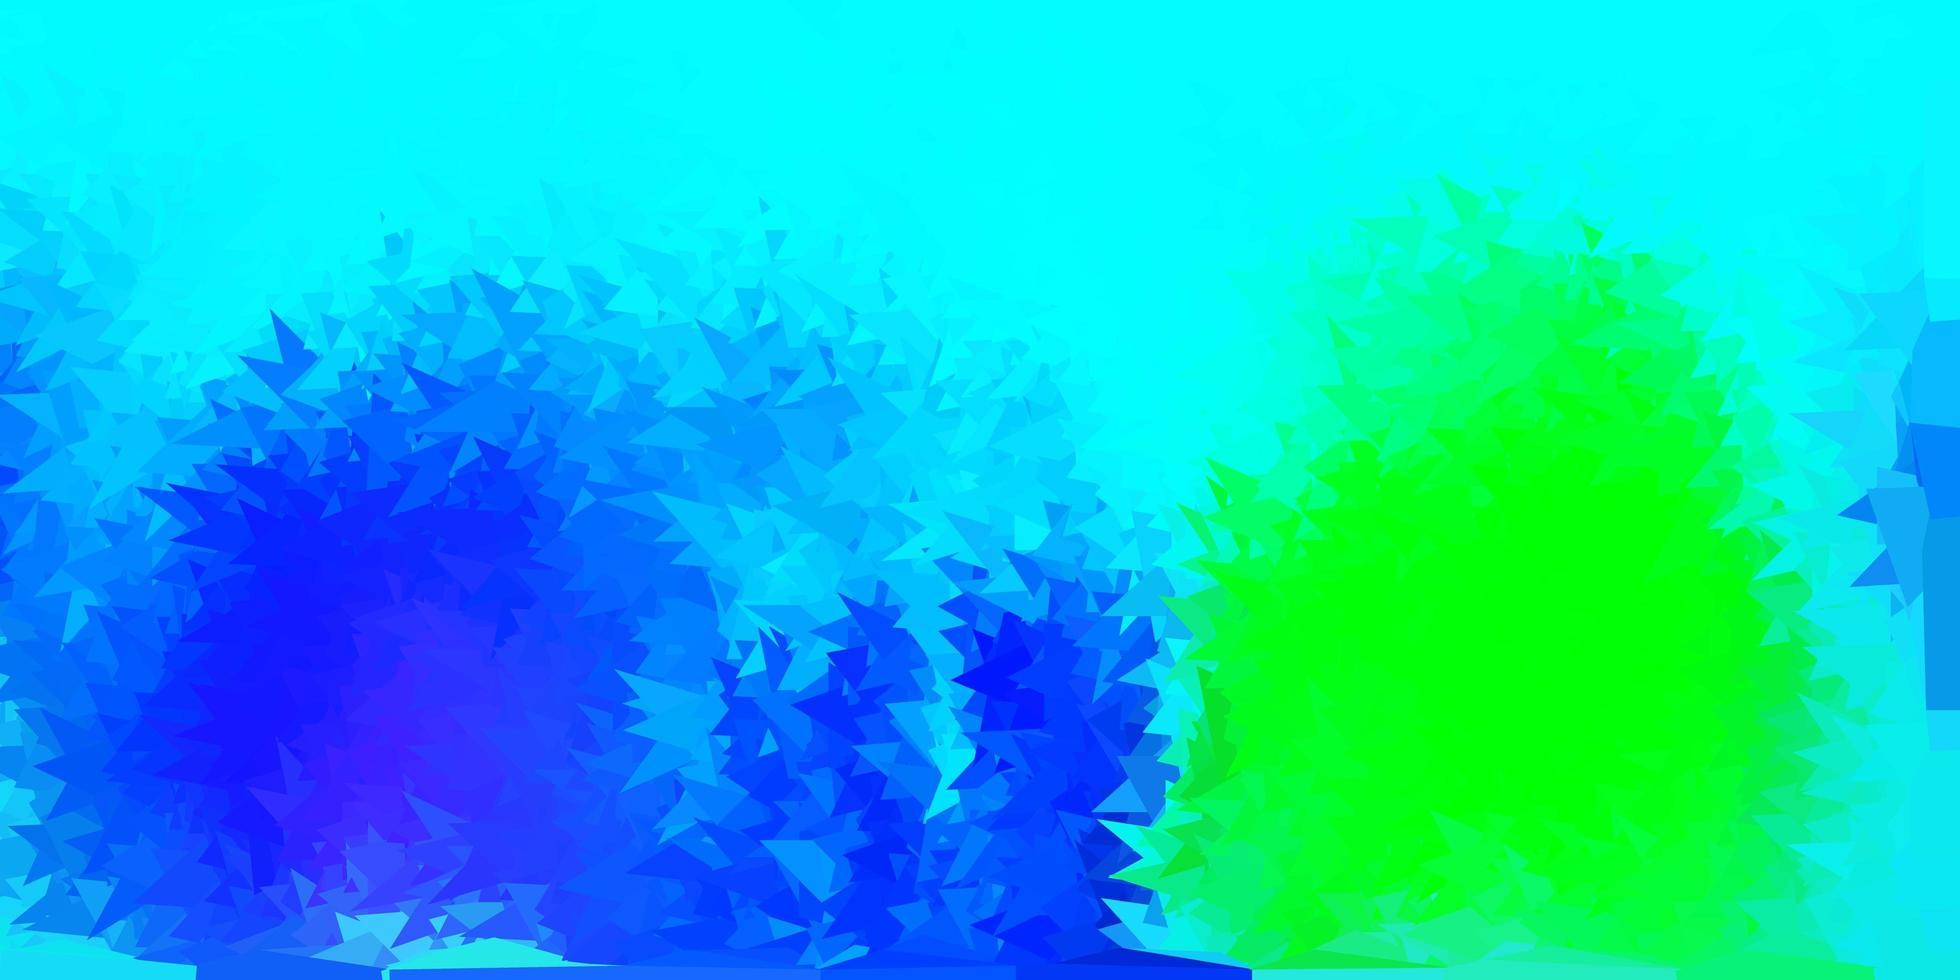 ljusblå, grön vektor gradient polygon design.